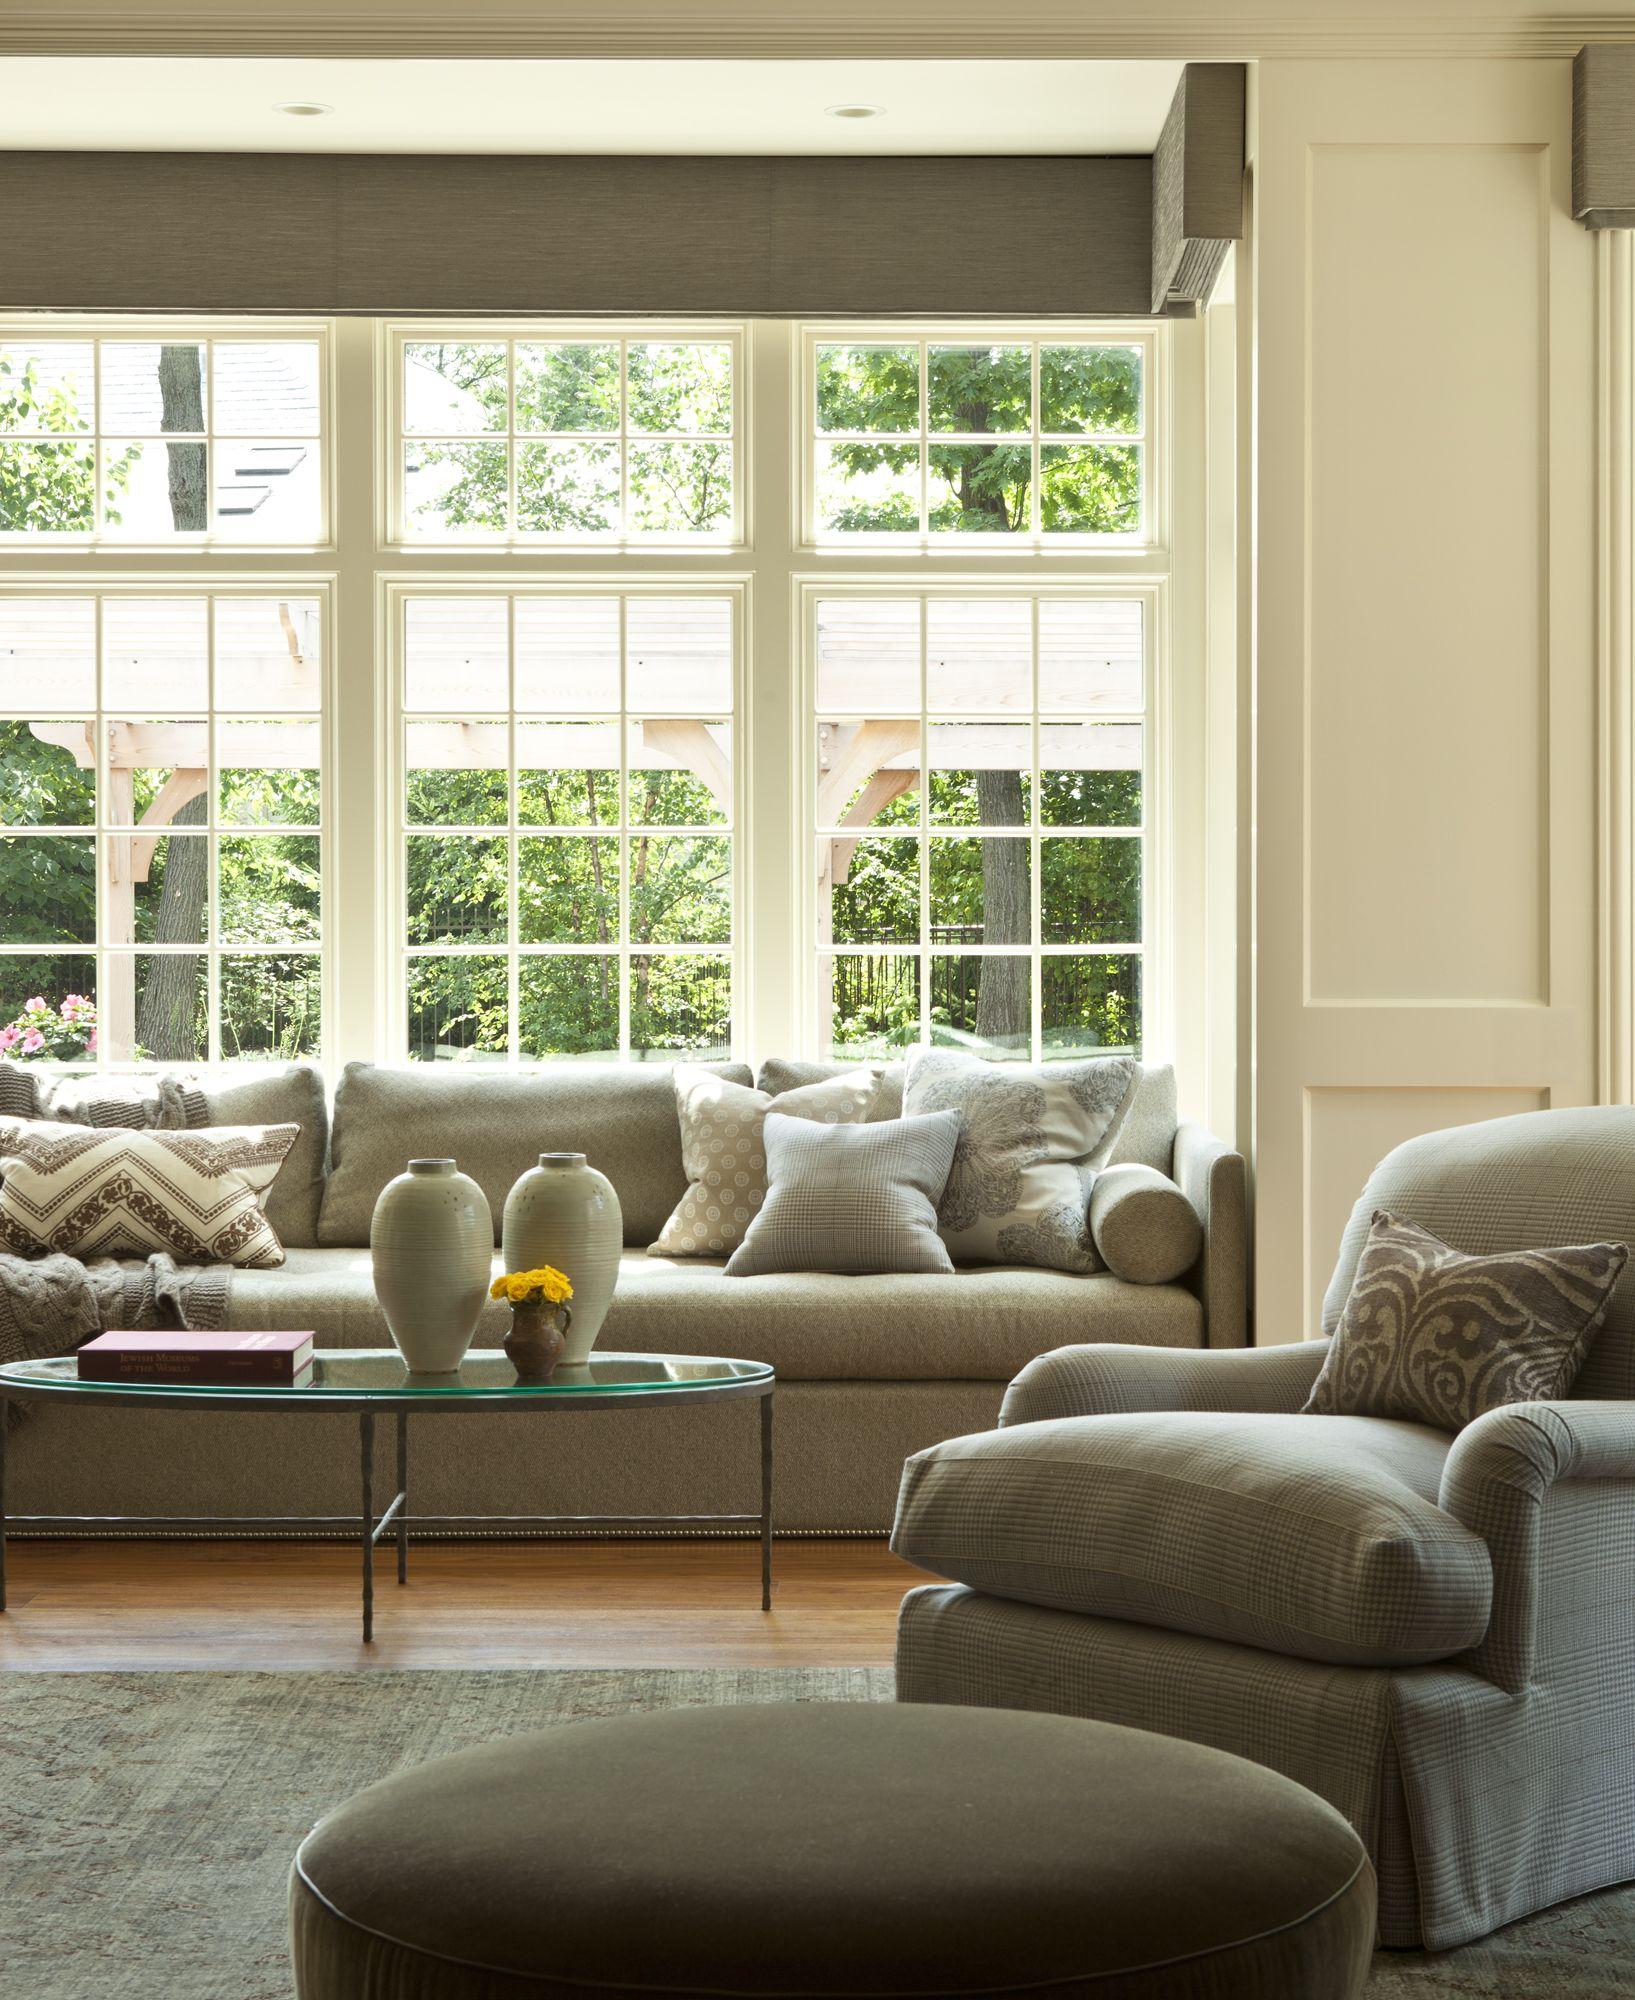 Interior Sunroom Addition Ideas: Meet Marshall Erb Of Marshall Erb Design